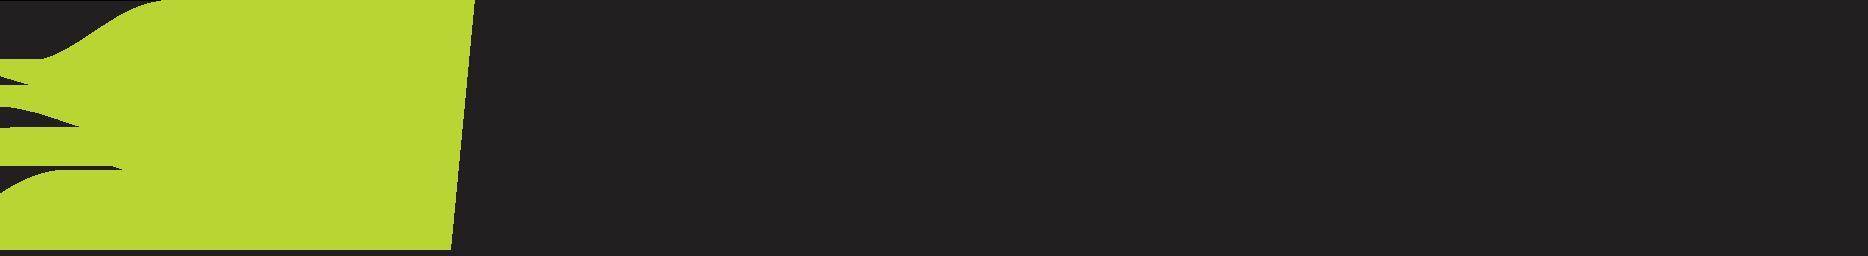 Met_Office_Logo.png